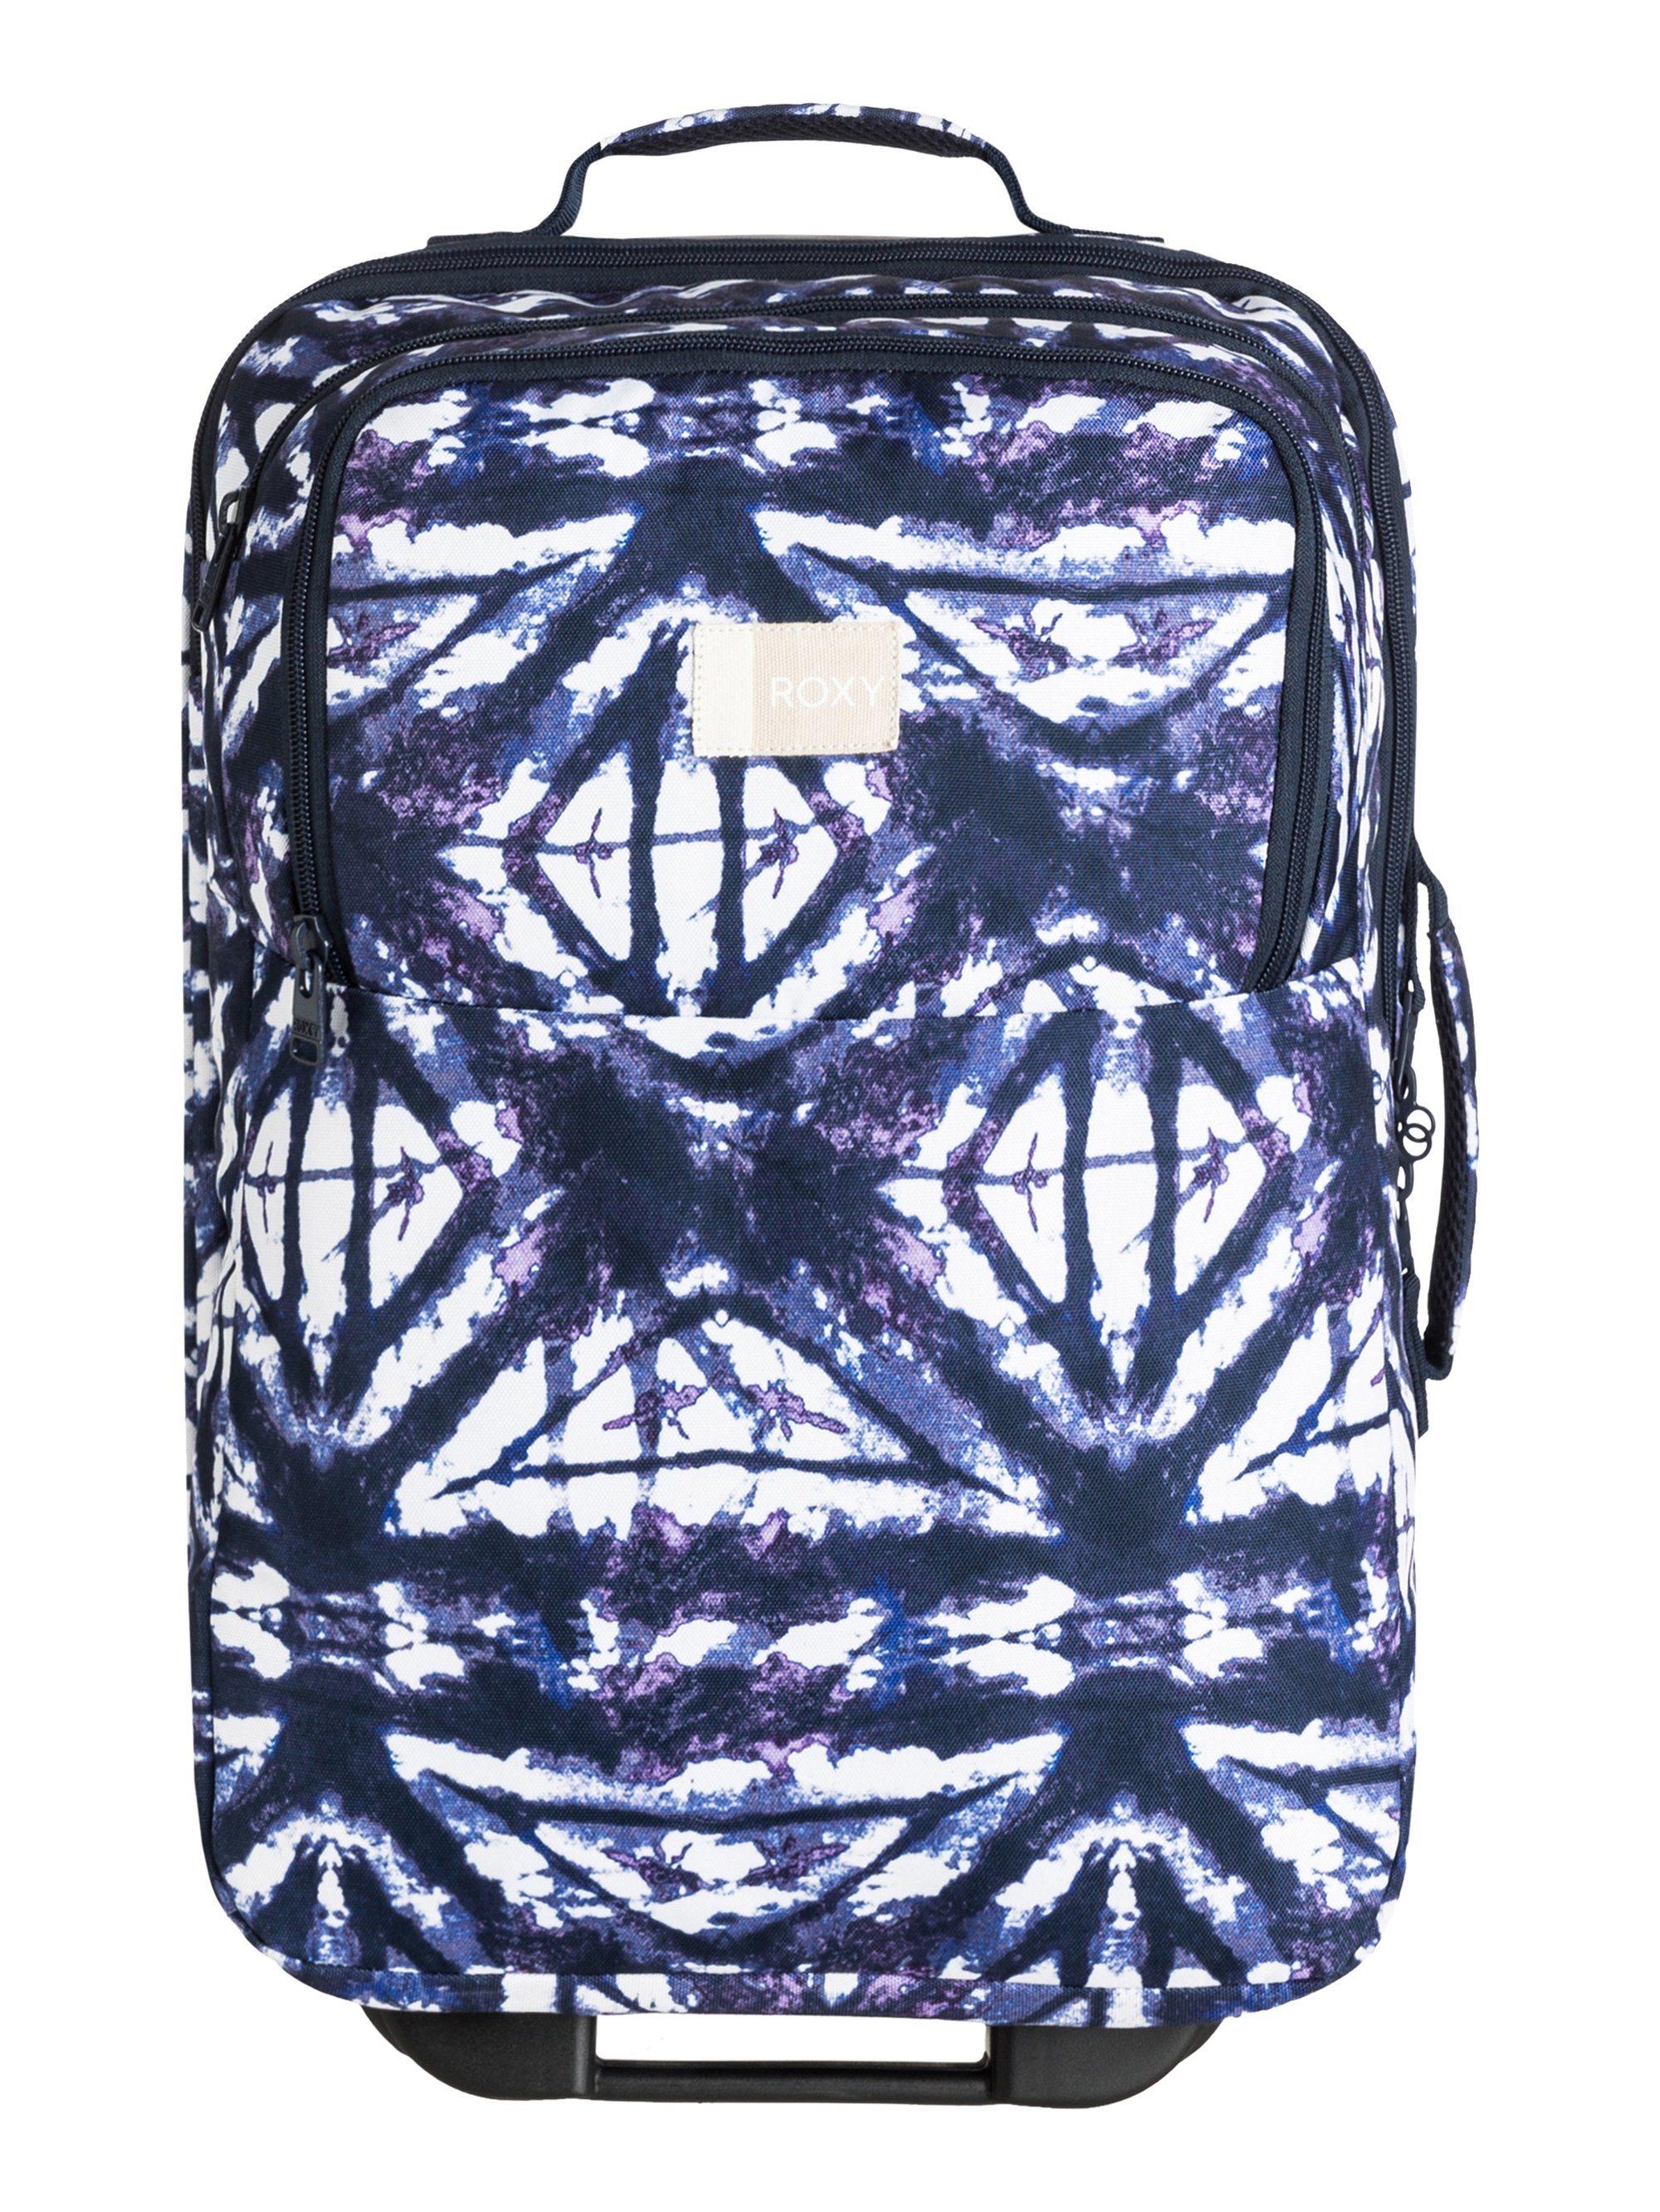 Roxy Handgepäck-Trolley »Wheelie« | Taschen > Koffer & Trolleys > Trolleys | Print | Roxy